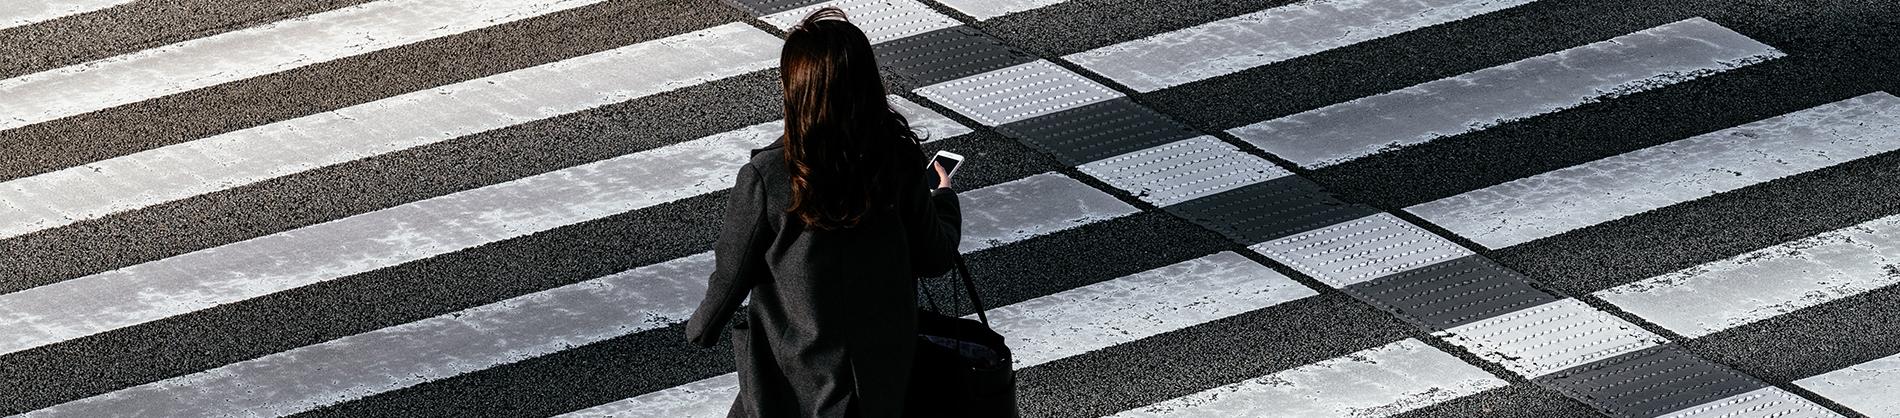 A women crossing a zebra crossing